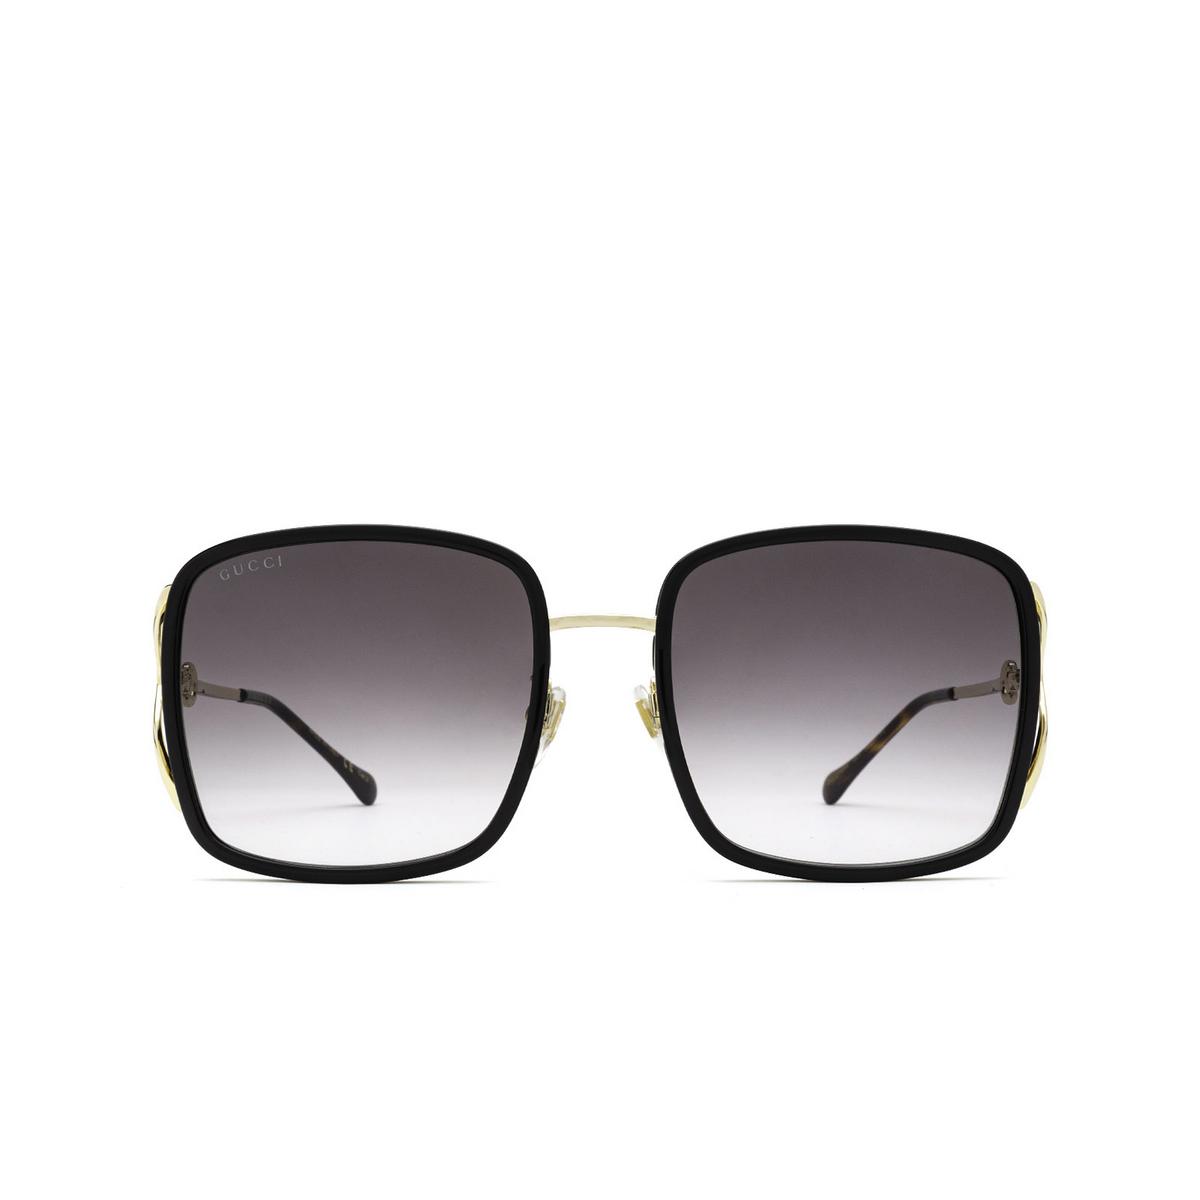 Gucci® Square Sunglasses: GG1016SK color Black 001 - 1/3.